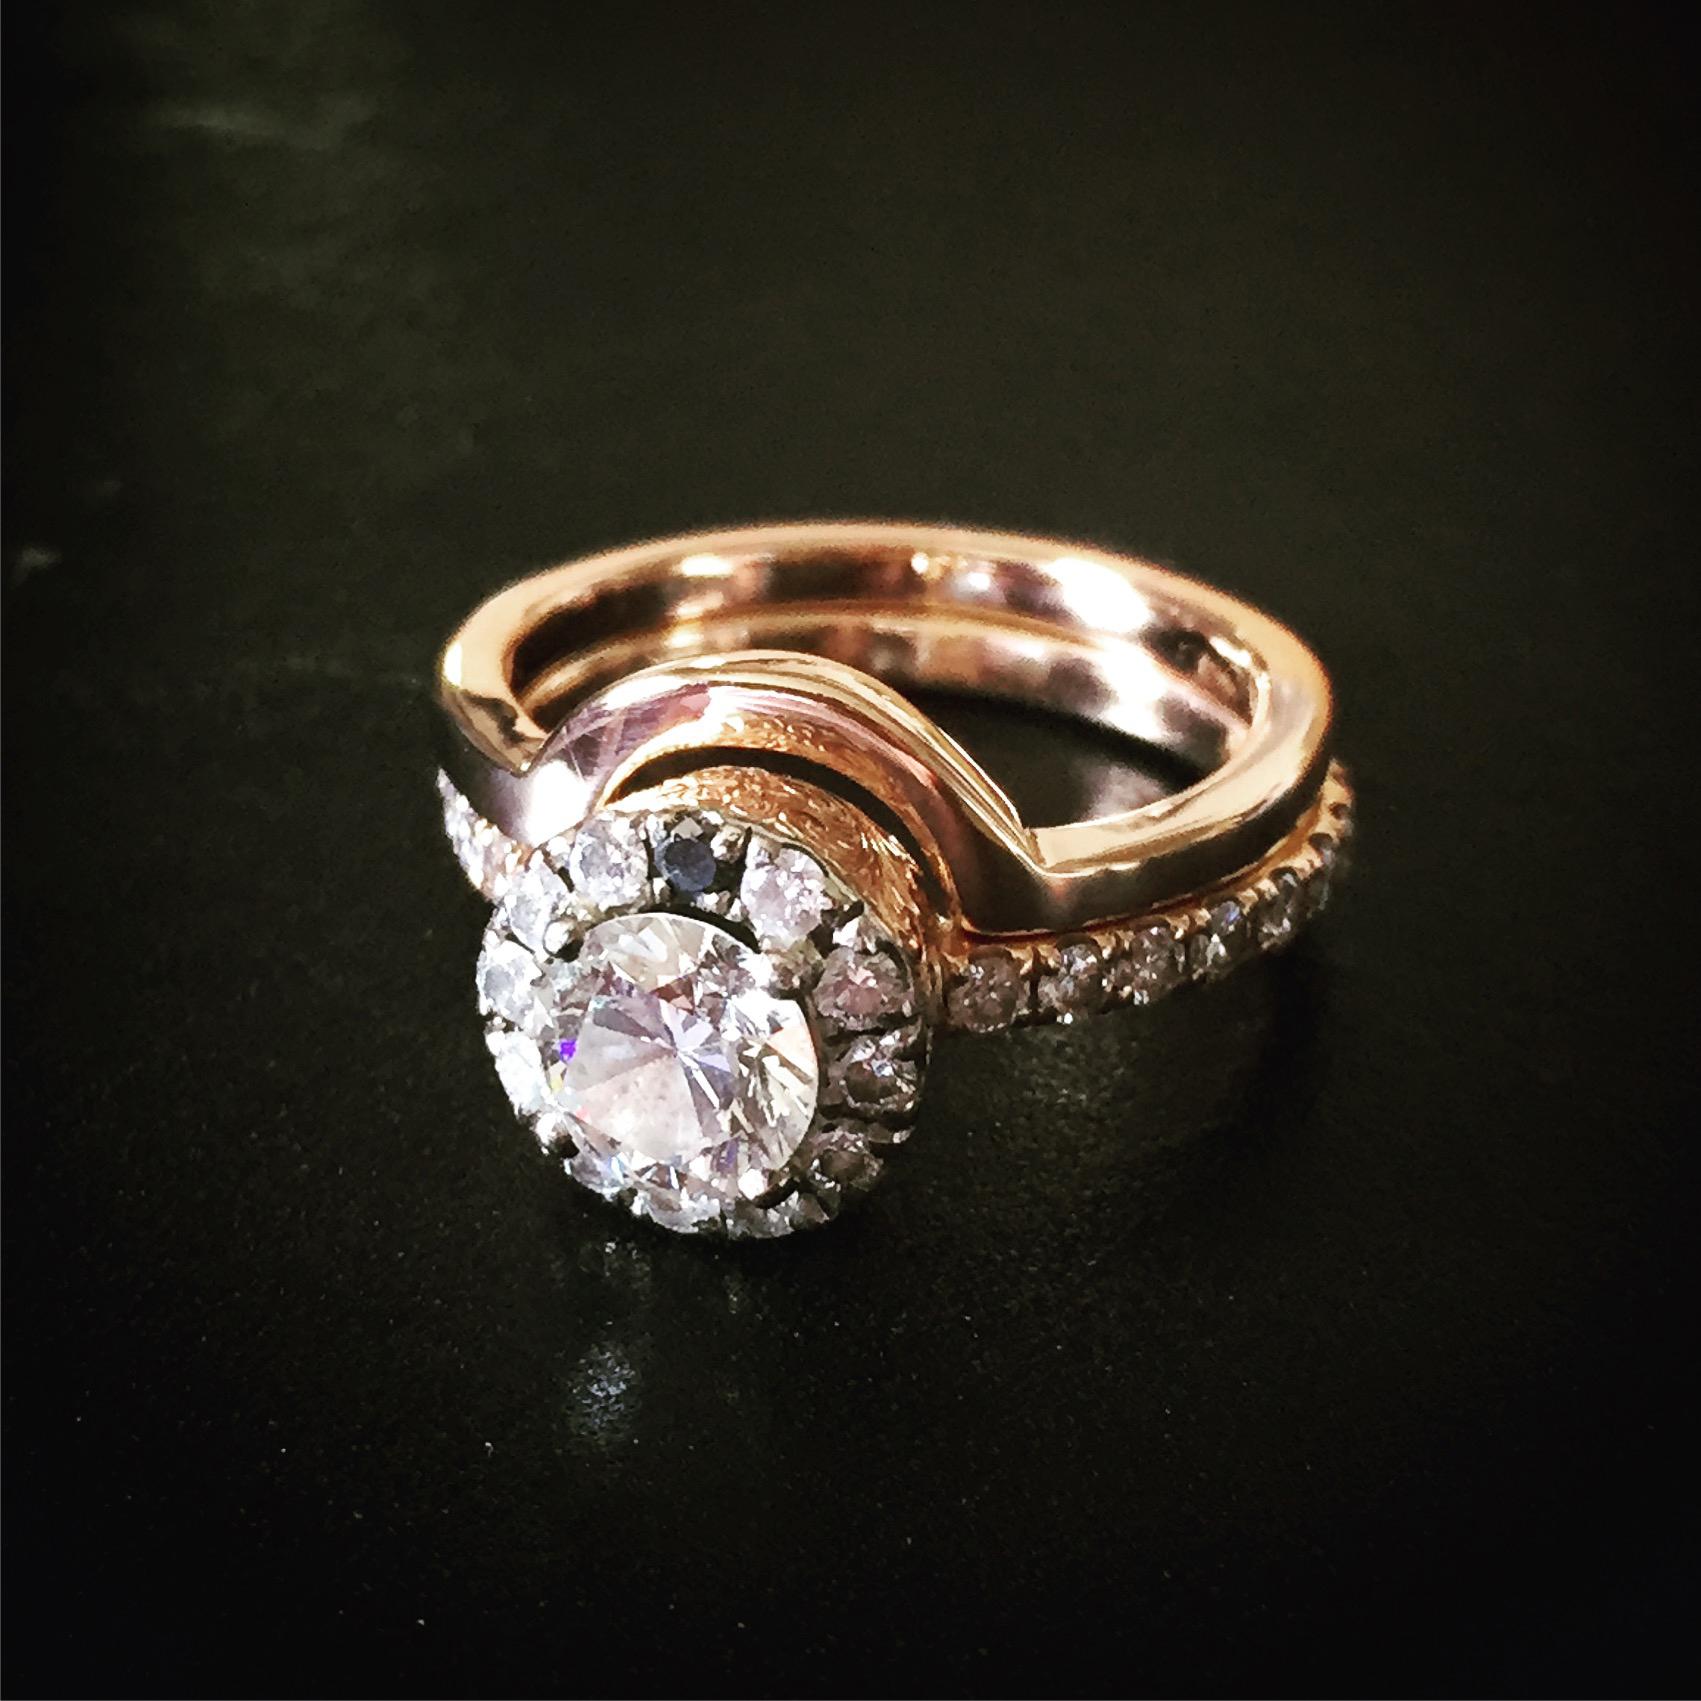 18ct rose gold bespoke wedding band.jpg